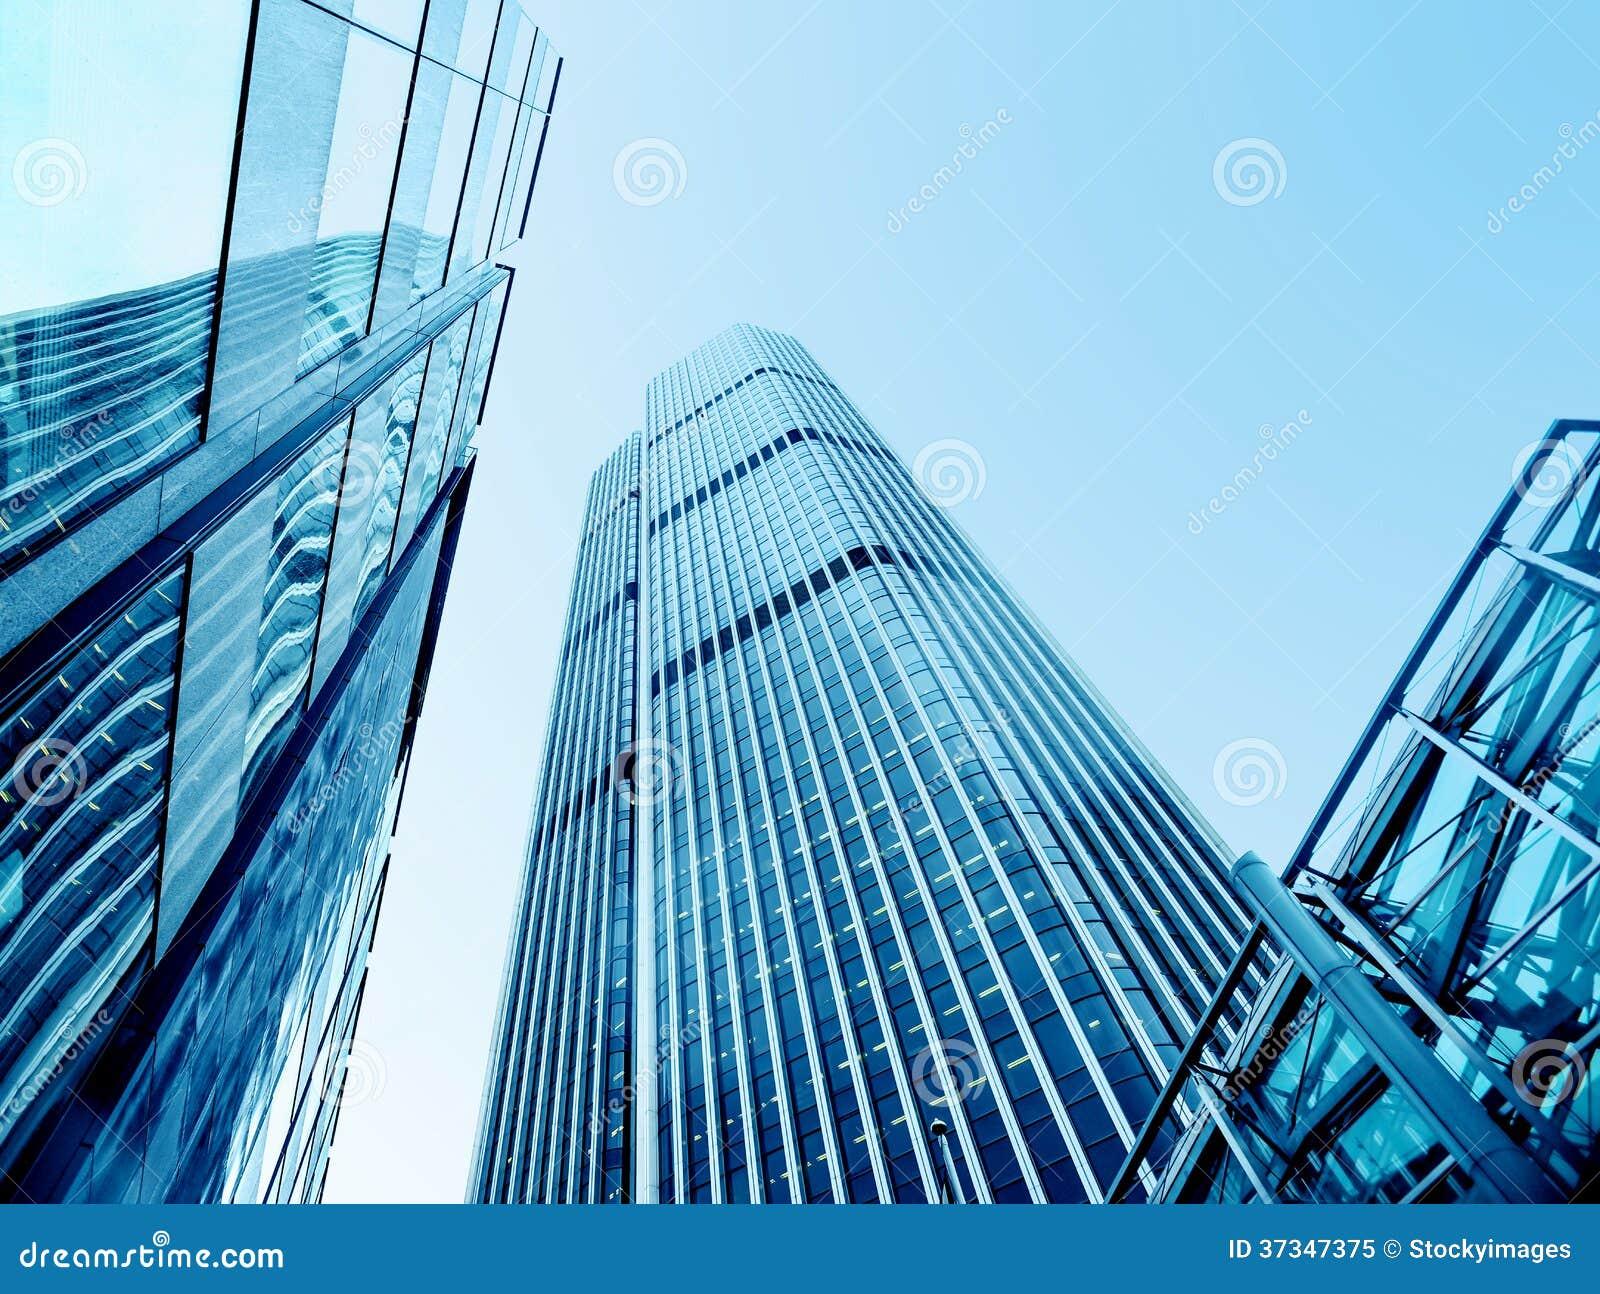 Moderna kontorsbyggnader från sikt för låg vinkel